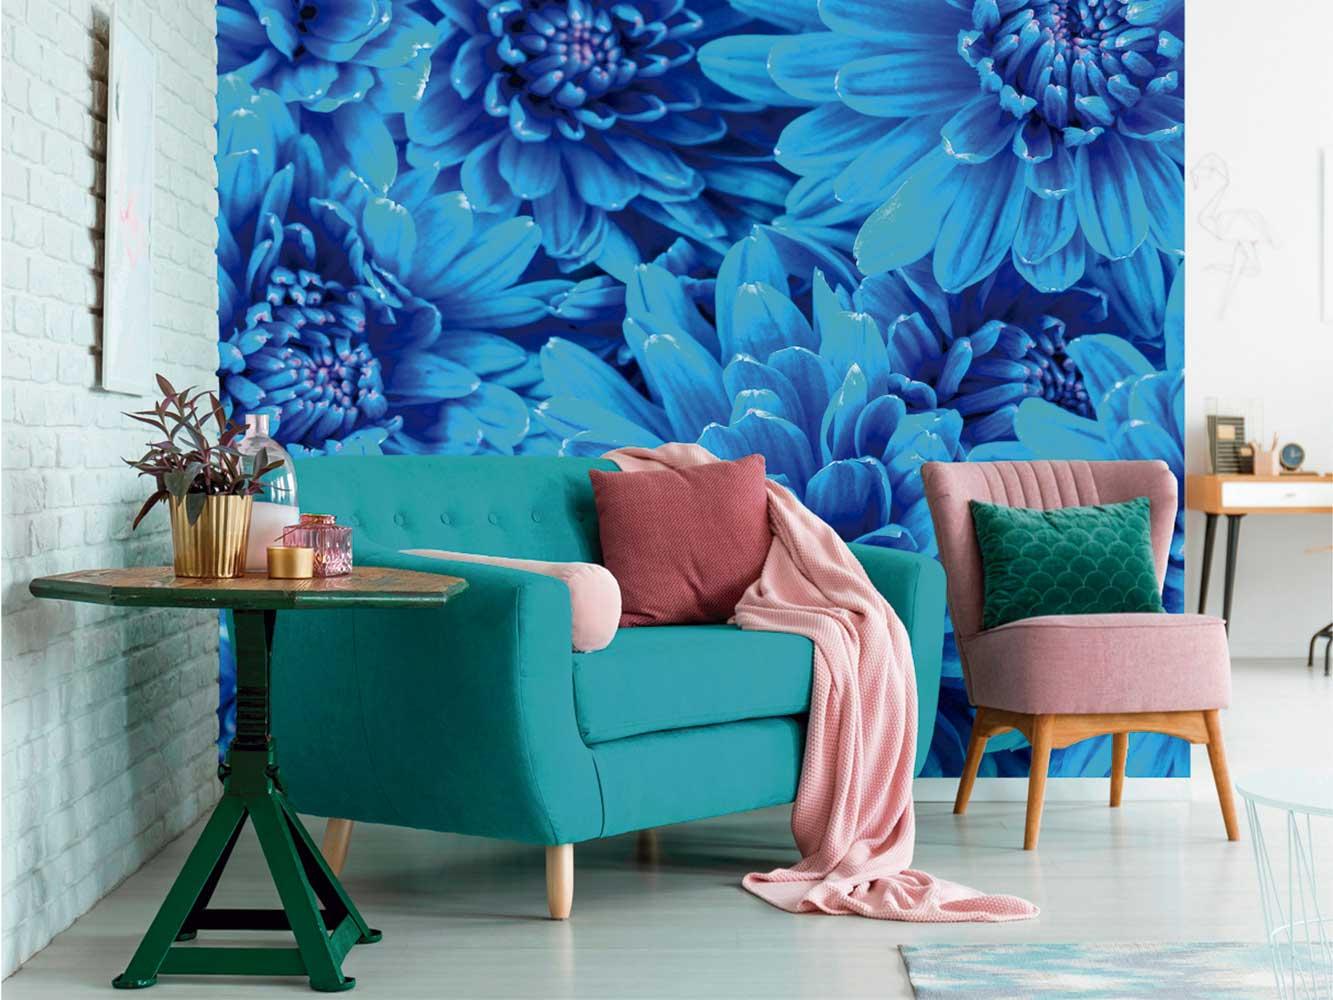 Fotomural Vinilo Crisantemo Azul   Carteles XXL - Impresión carteleria publicitaria